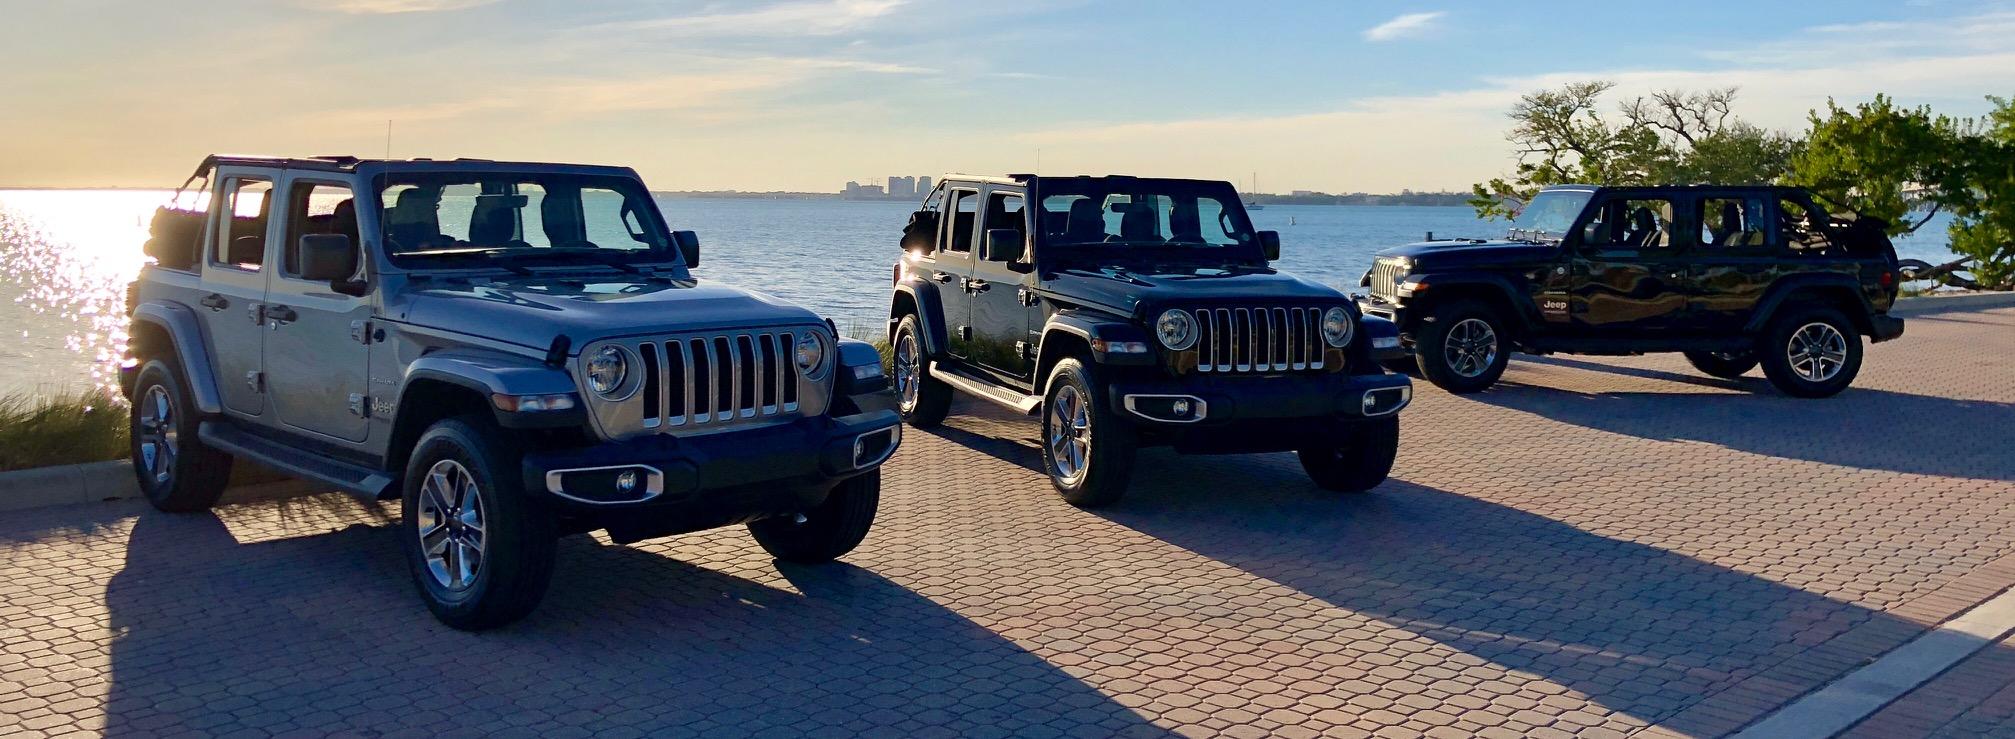 3-New-Jeep-Wrangler